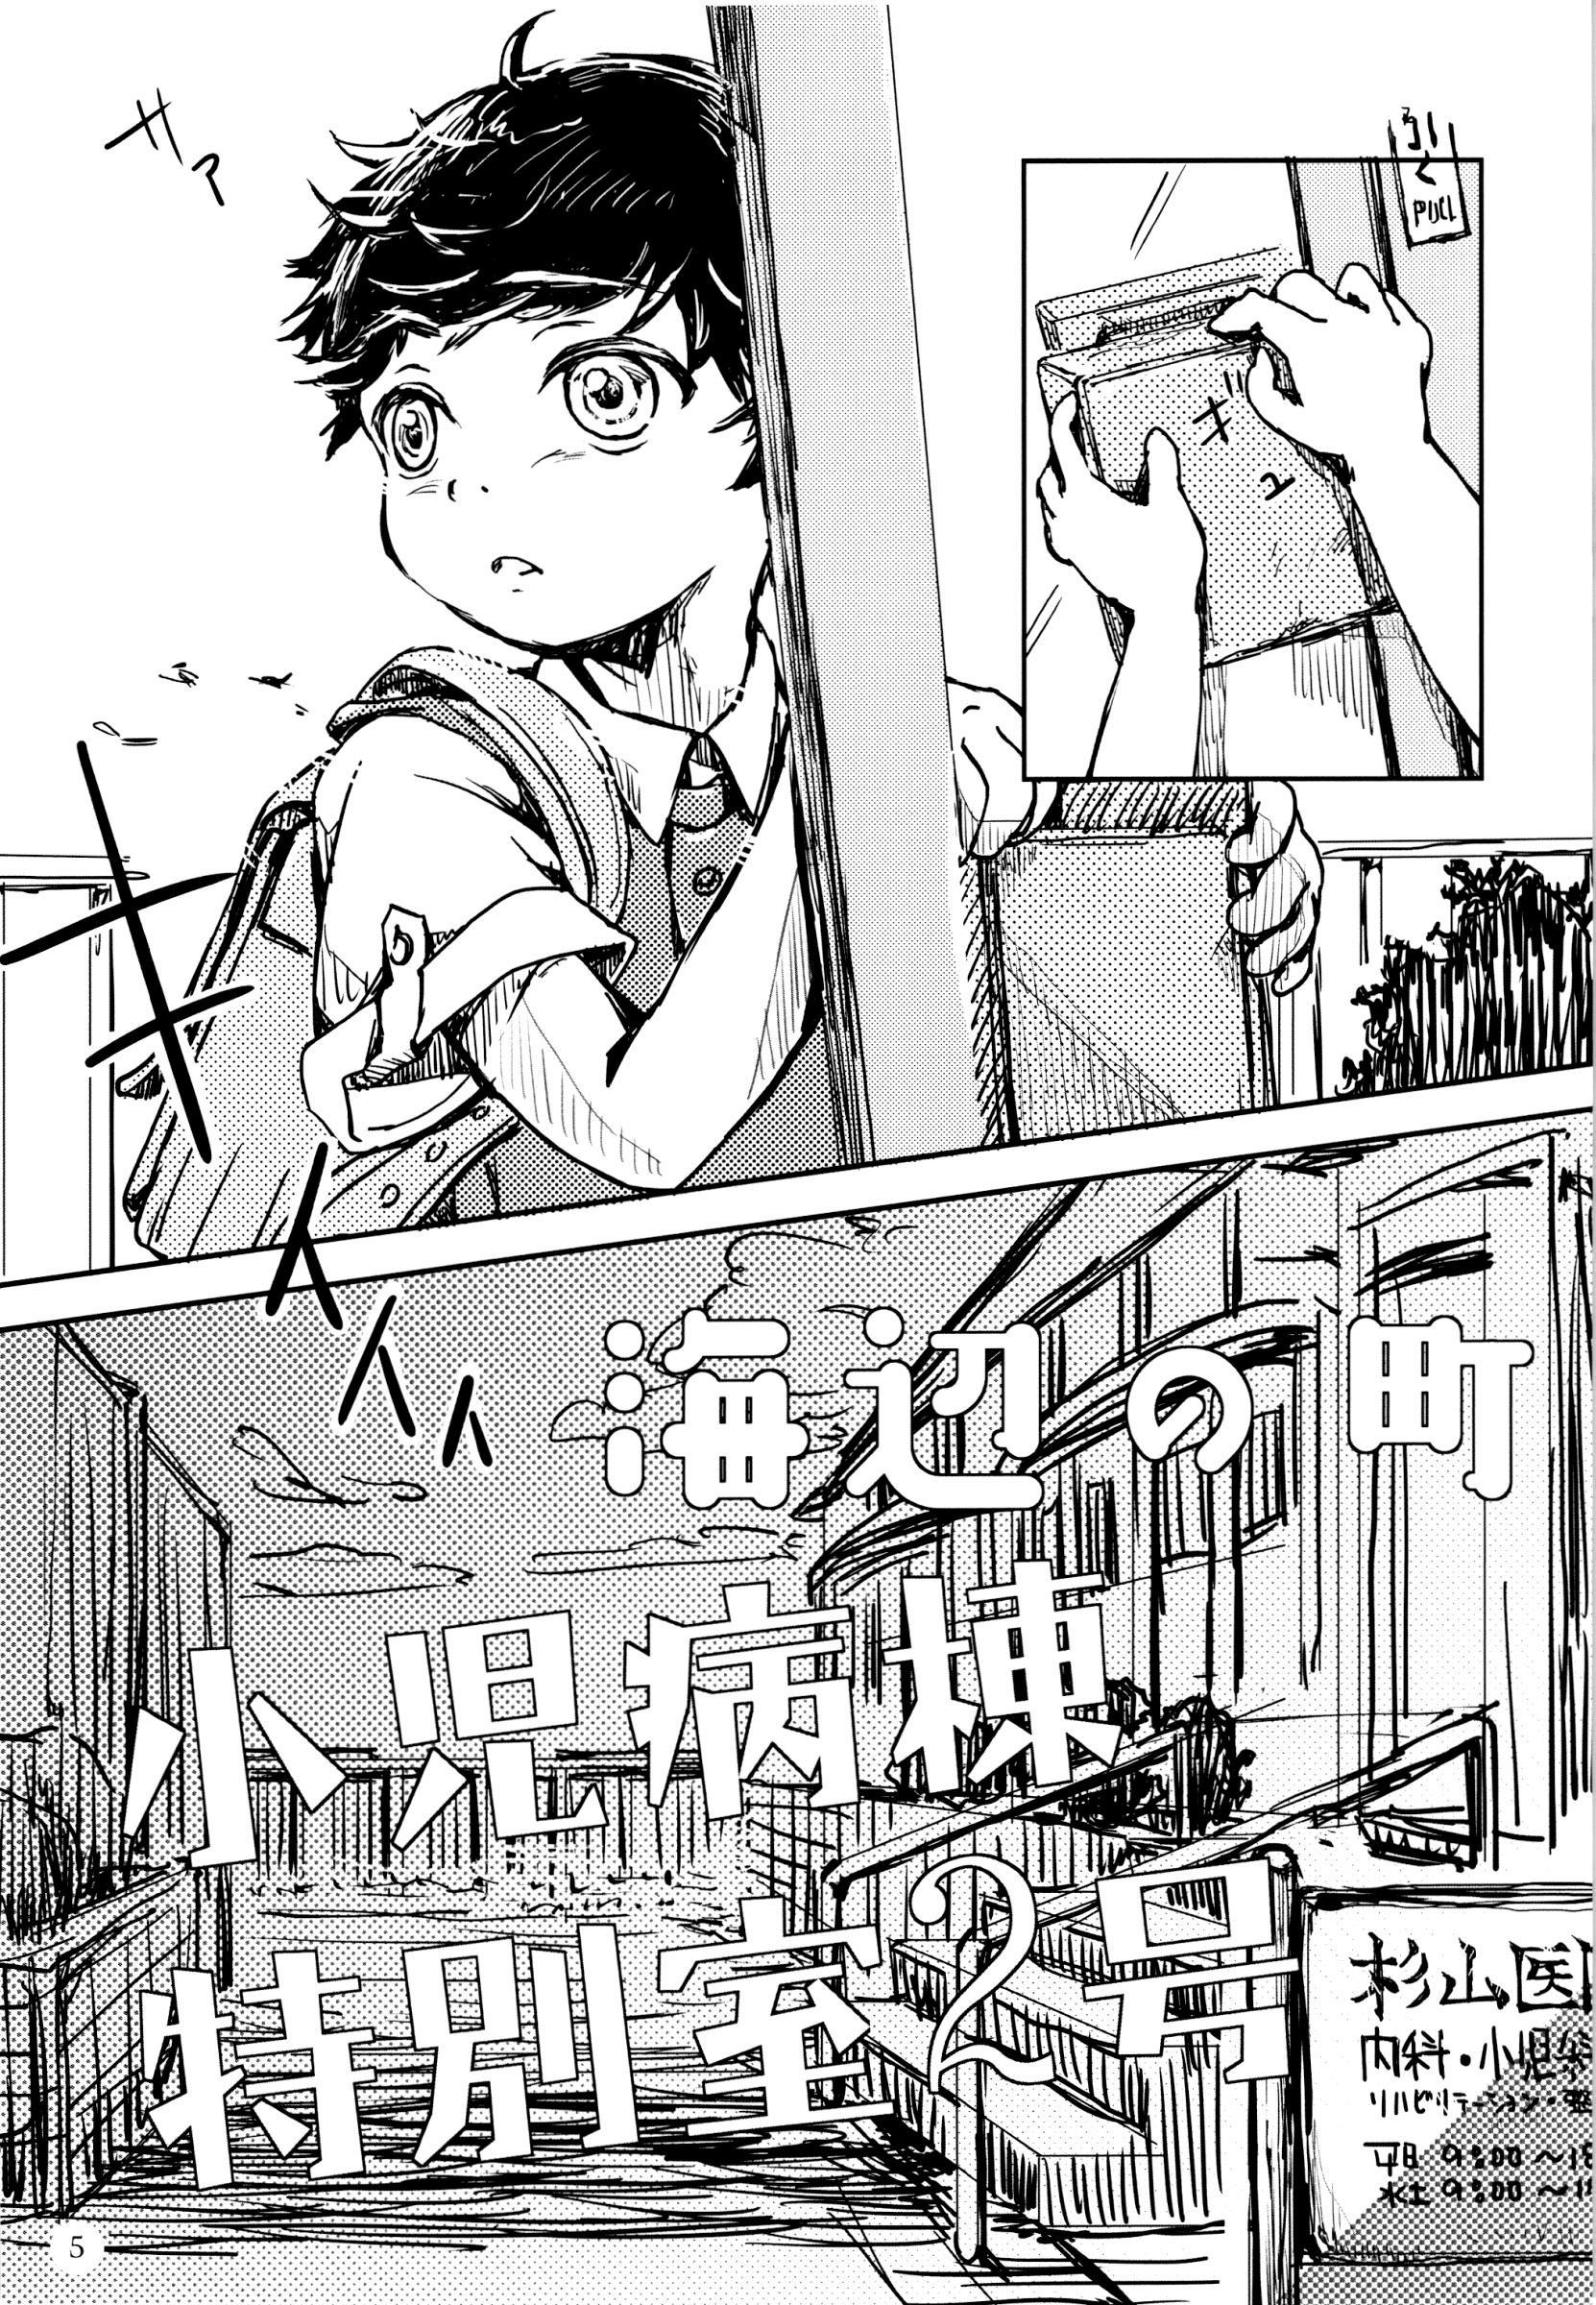 Umibe no Machi Shouni Byoutou Tokubetsushitsu 2-gou 3